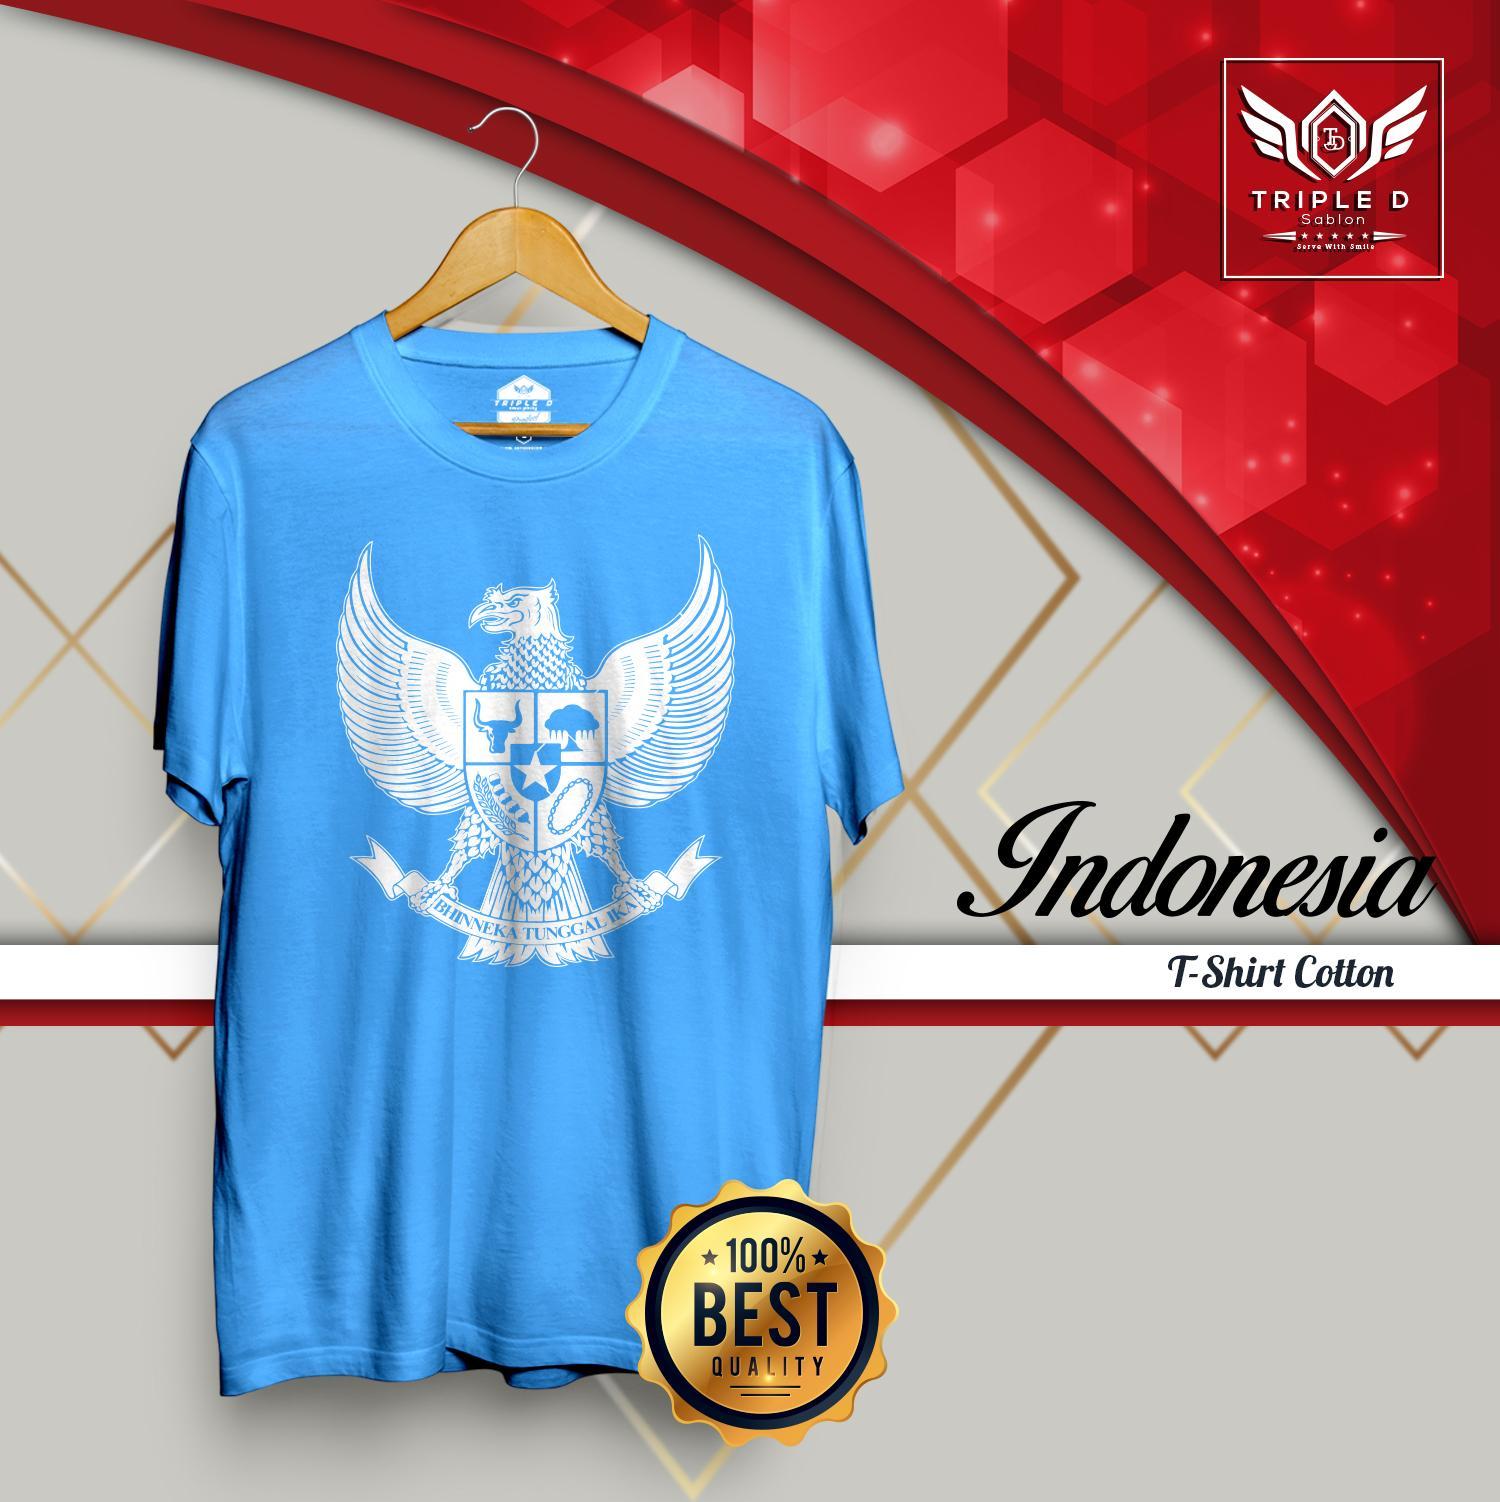 Jual Beli Alat Sablon Kaos Distro Promo T Shirt Persija 1928 Tulisan Arab Pria Wanita Garuda Indonesia Triple D